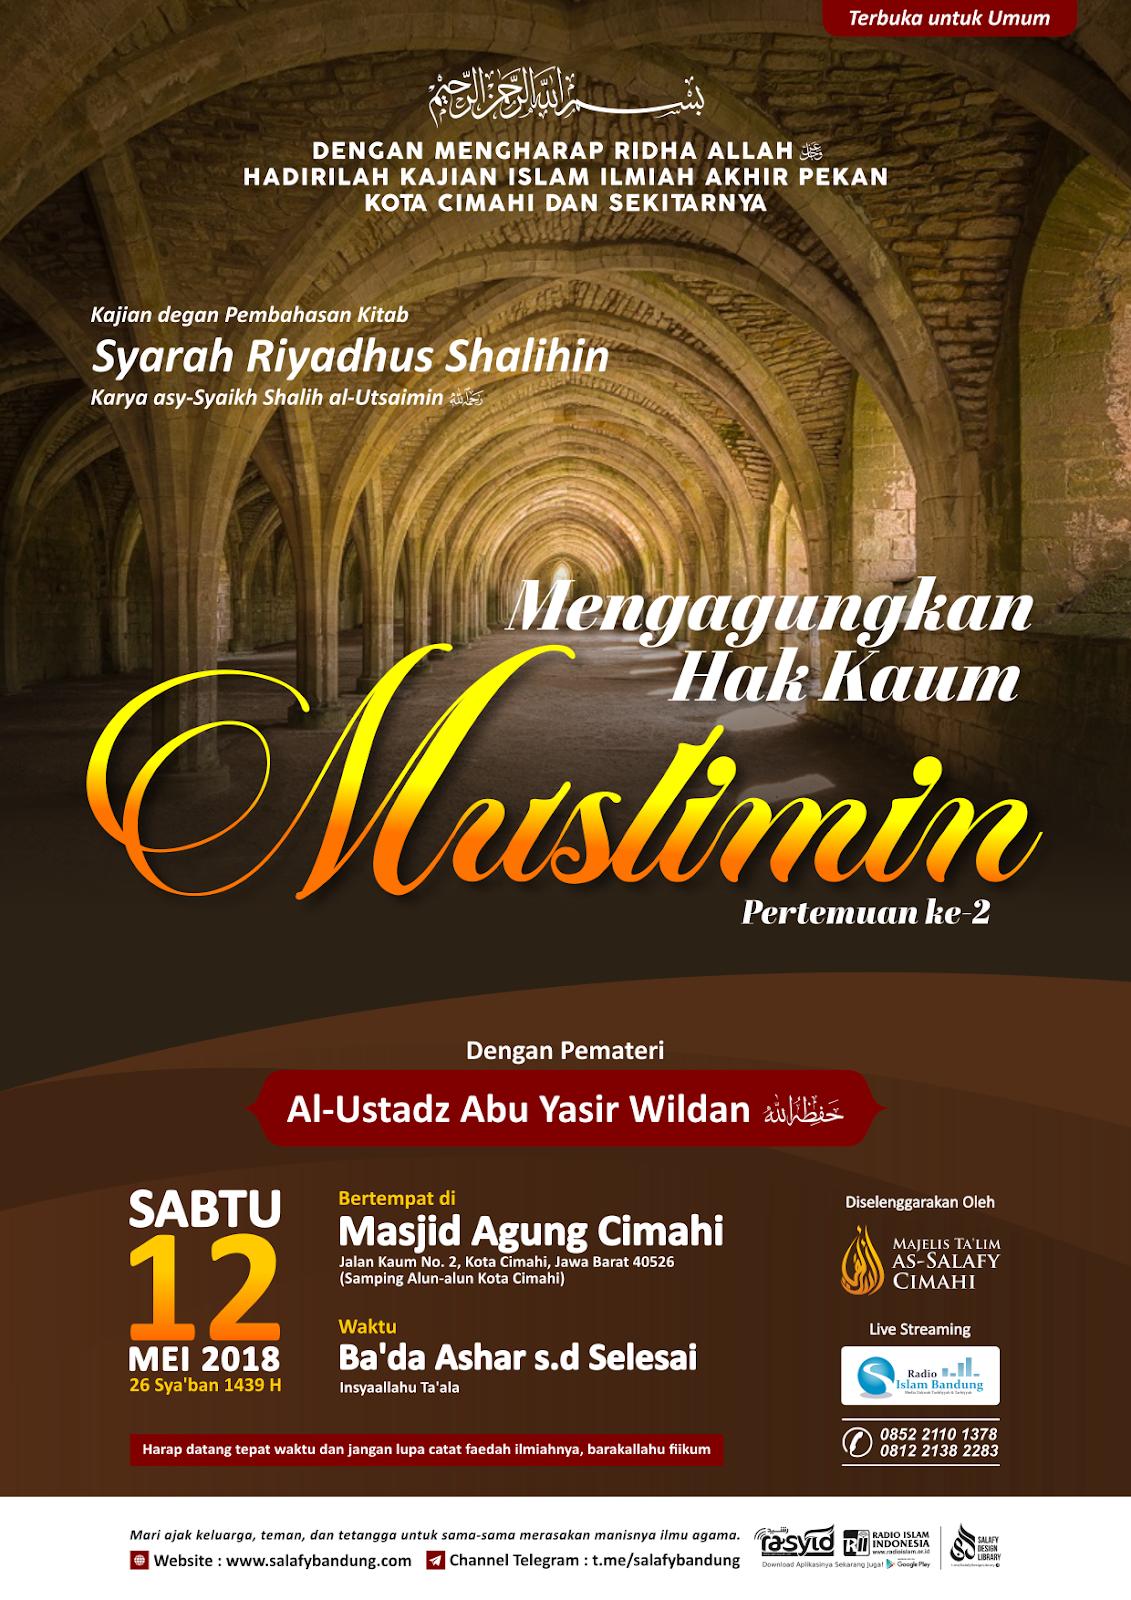 Kajian Masjid Agung Cimahi: Mengagungkan Hak Kaum Muslimin Pertemuan ke-2 (Pembahasan Kitab Riyadhus Shalihin)